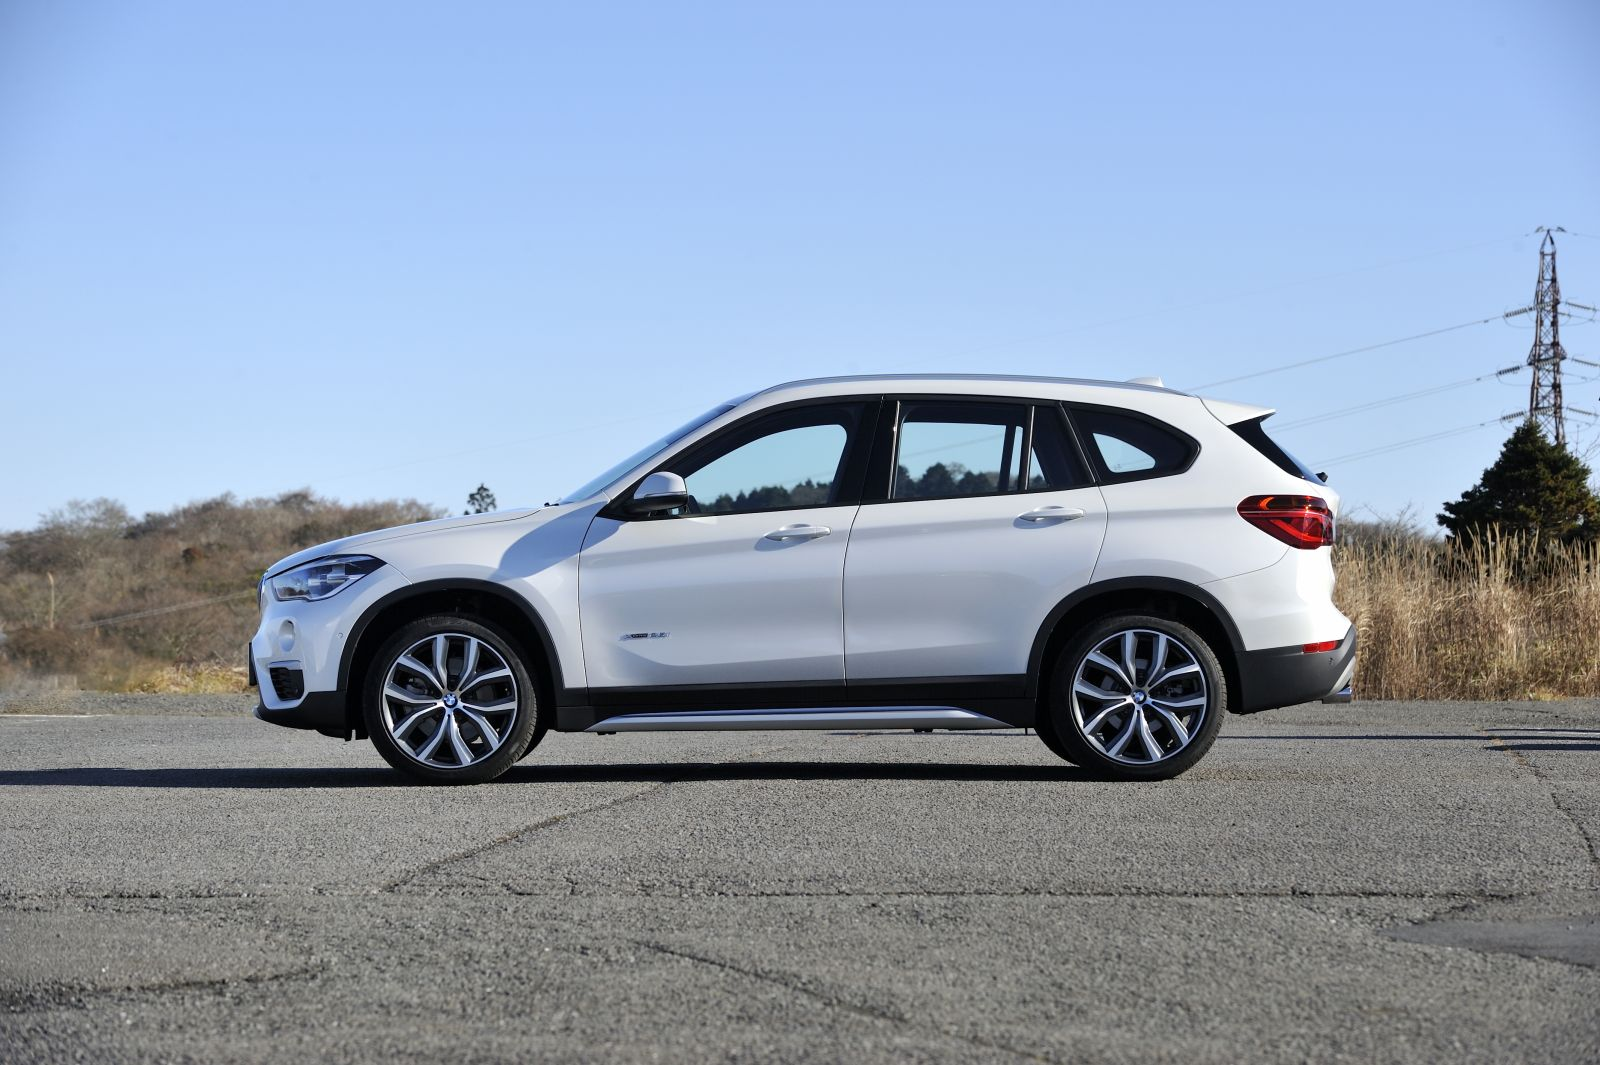 ▲燃費はJC08モードで20i xライン 4WDが14.6km/L、25i xライン 4WDが14.3km/Lとなっている